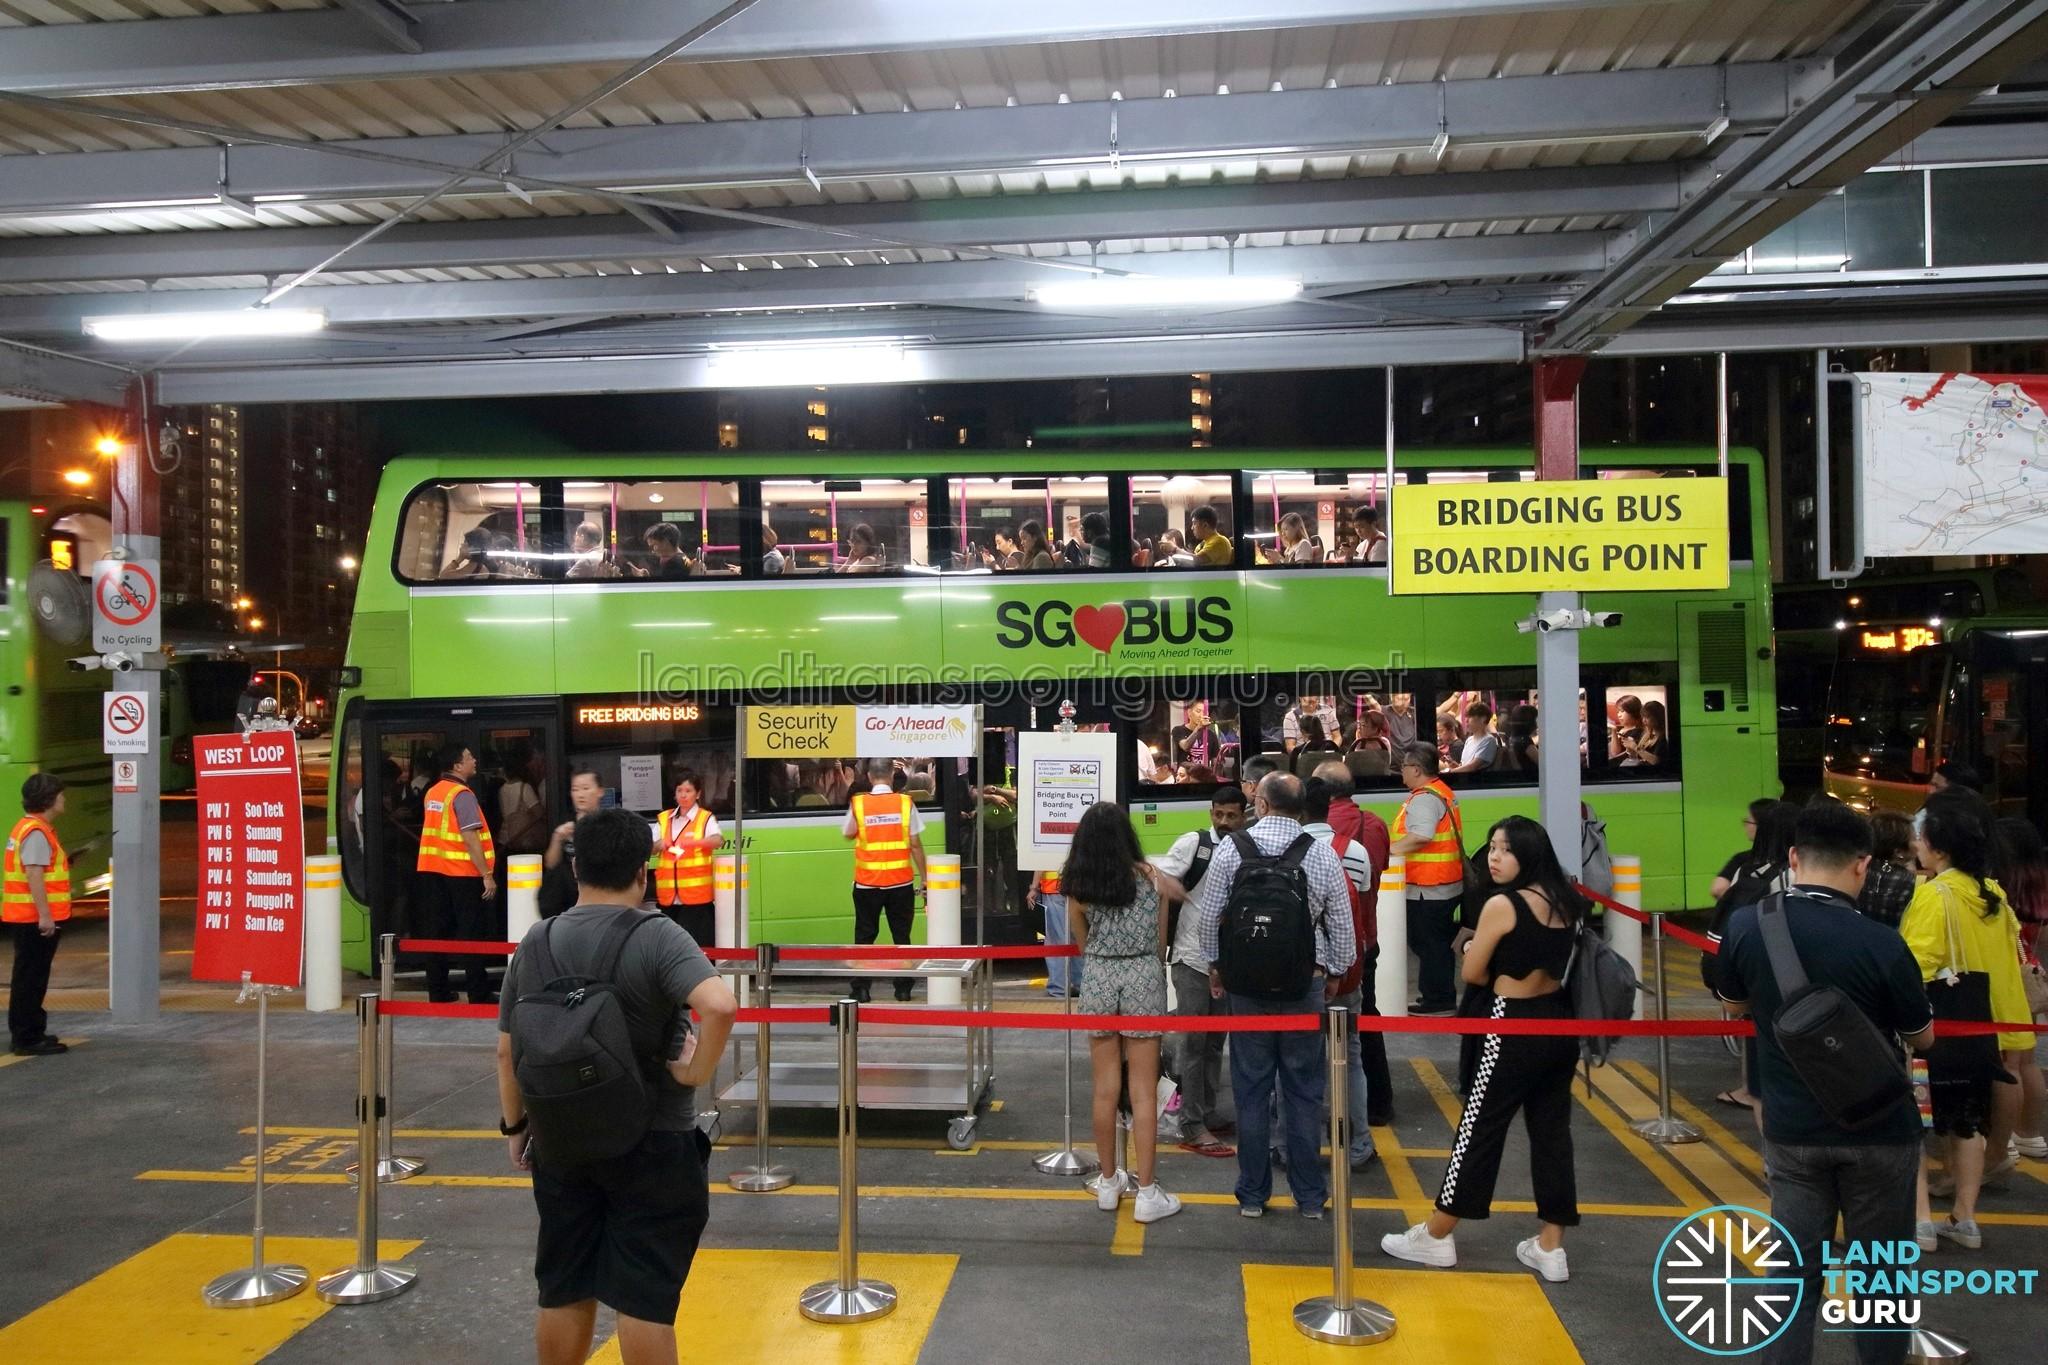 PGLRT Bridging Bus - Bus queue